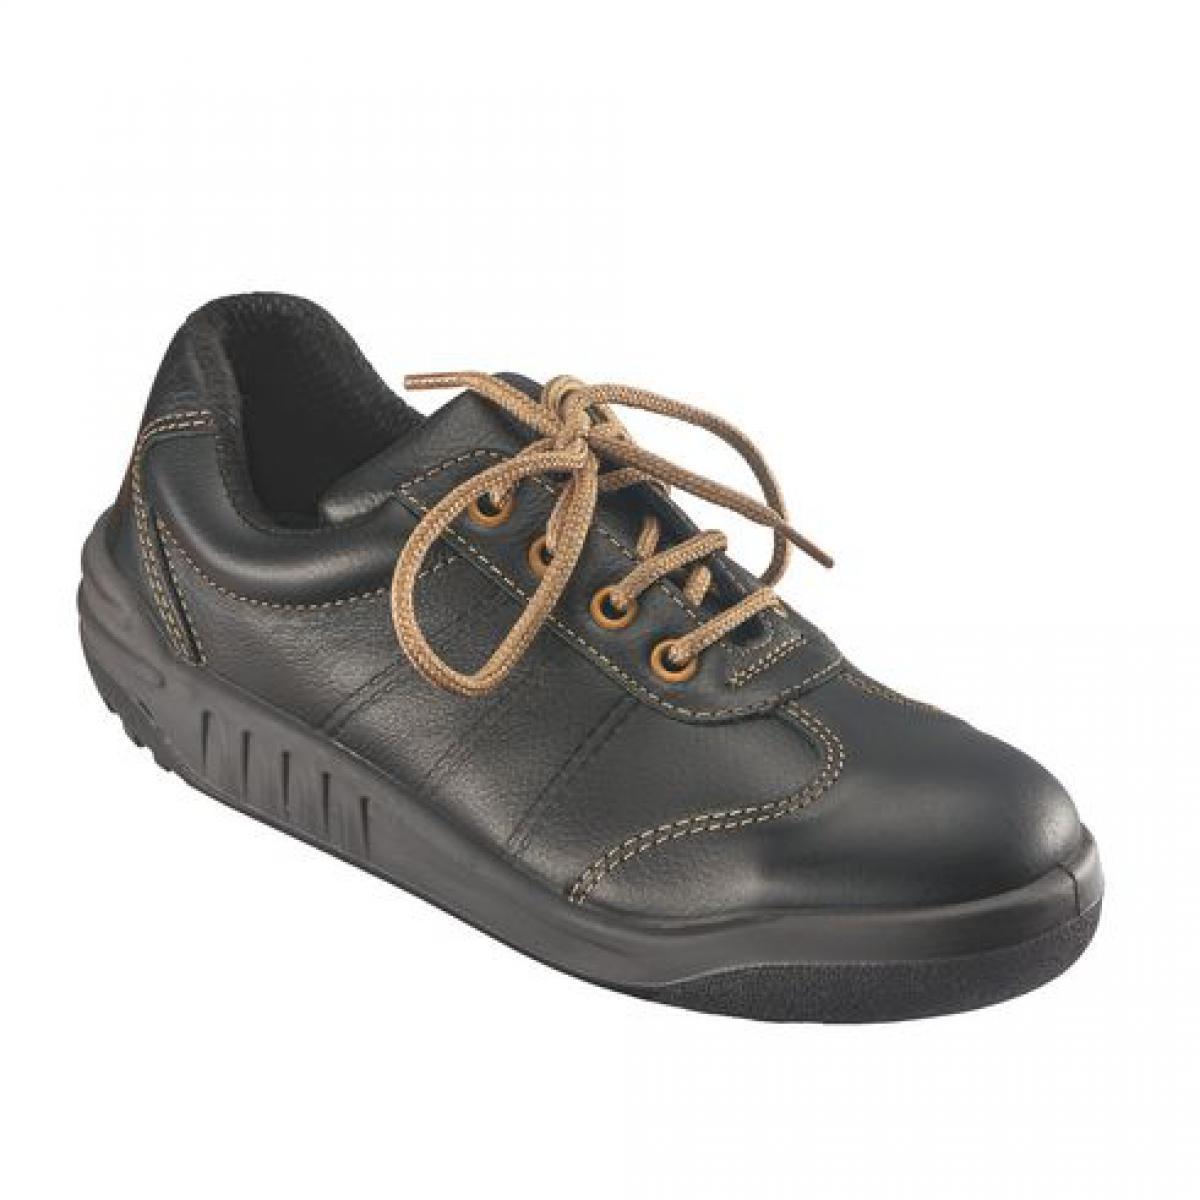 Parade Paire de chaussures basses femme Parade Josio - noir - Pointure 39